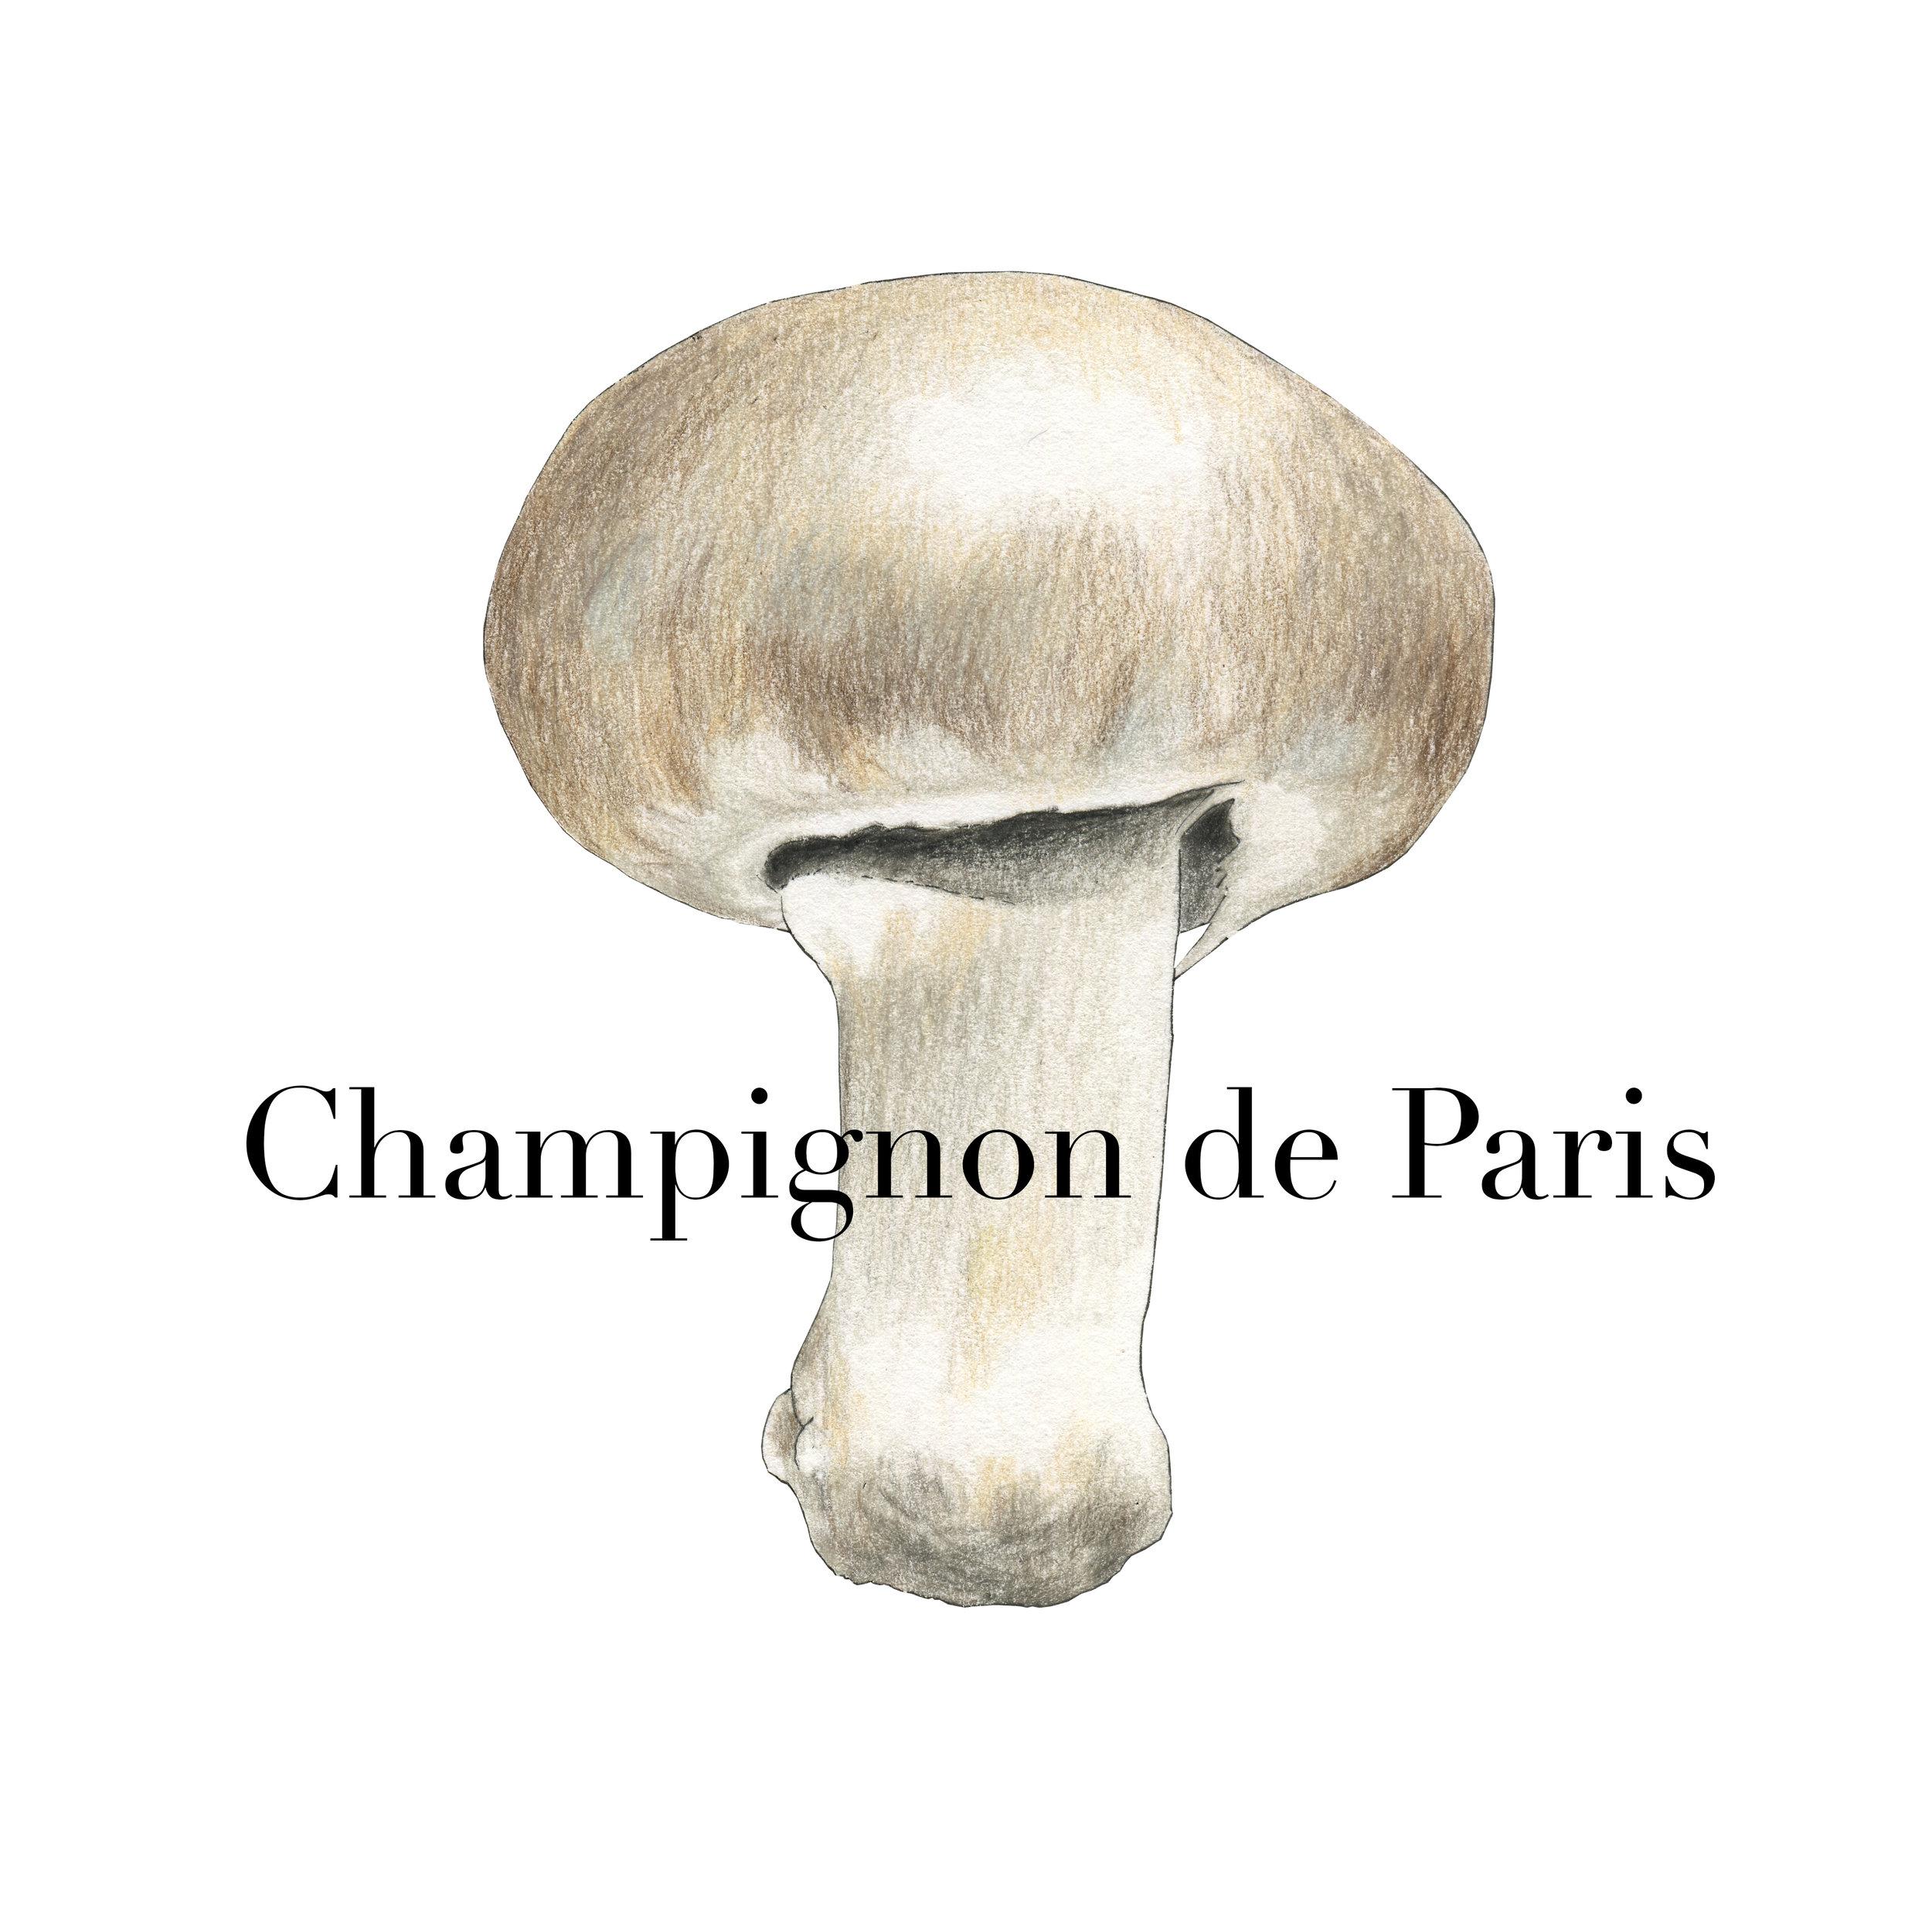 Champignon de Paris (2019)